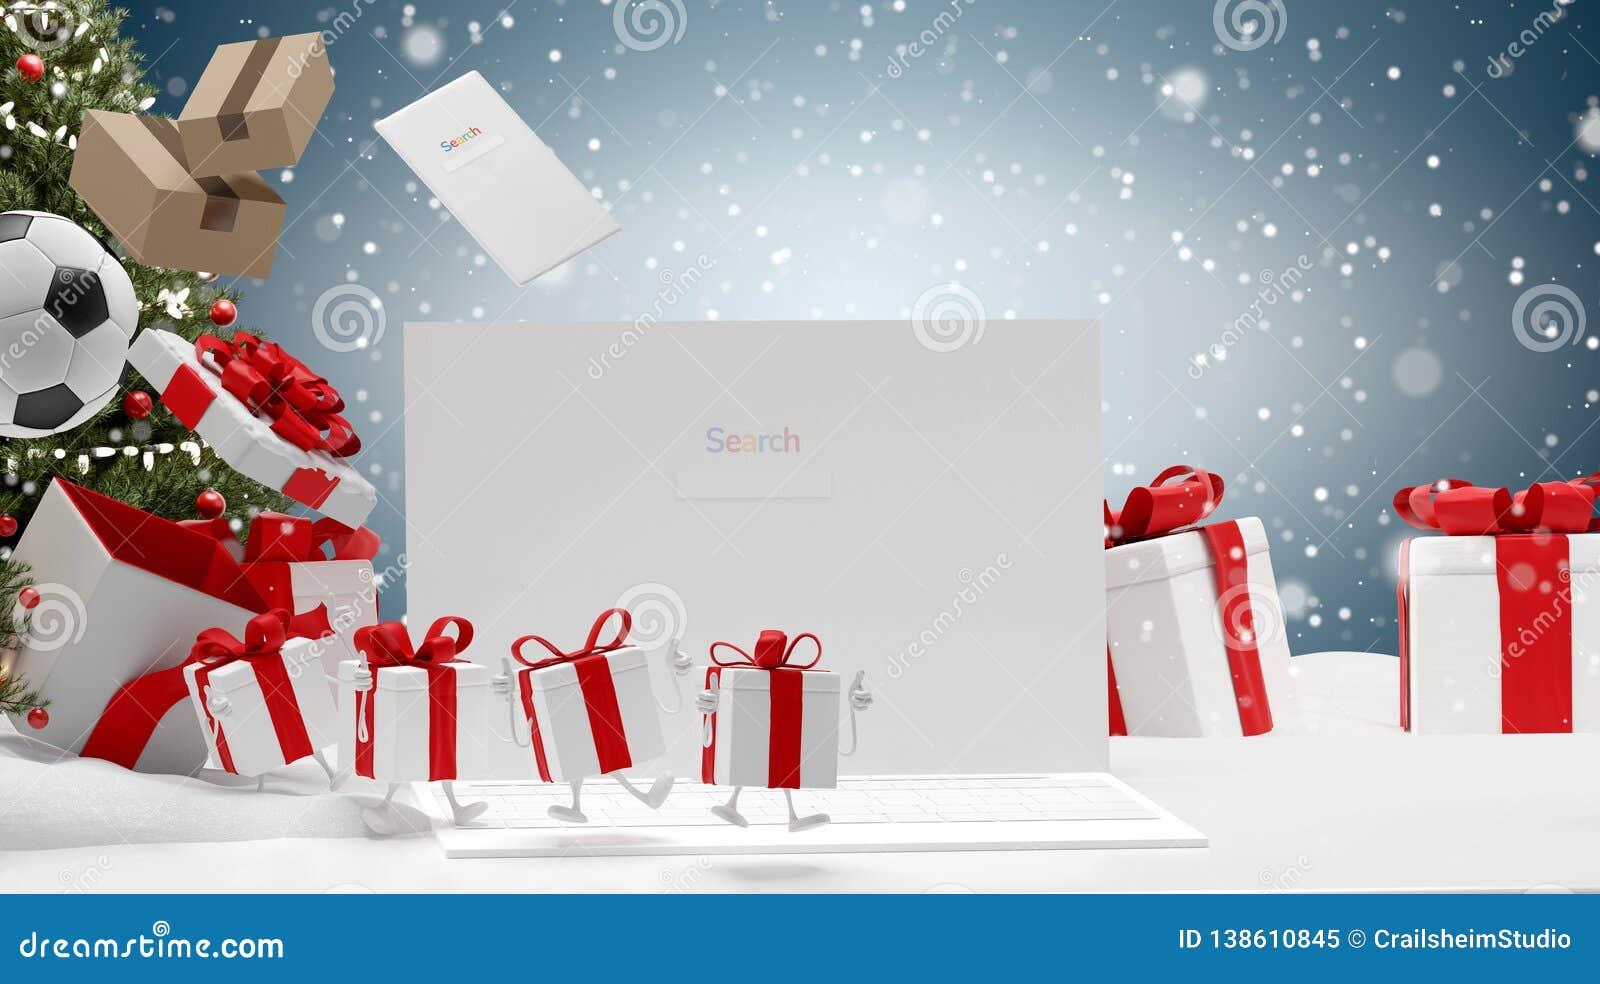 Ecran D Ordinateur De Cadeaux De Noel Au Paysage De Neige